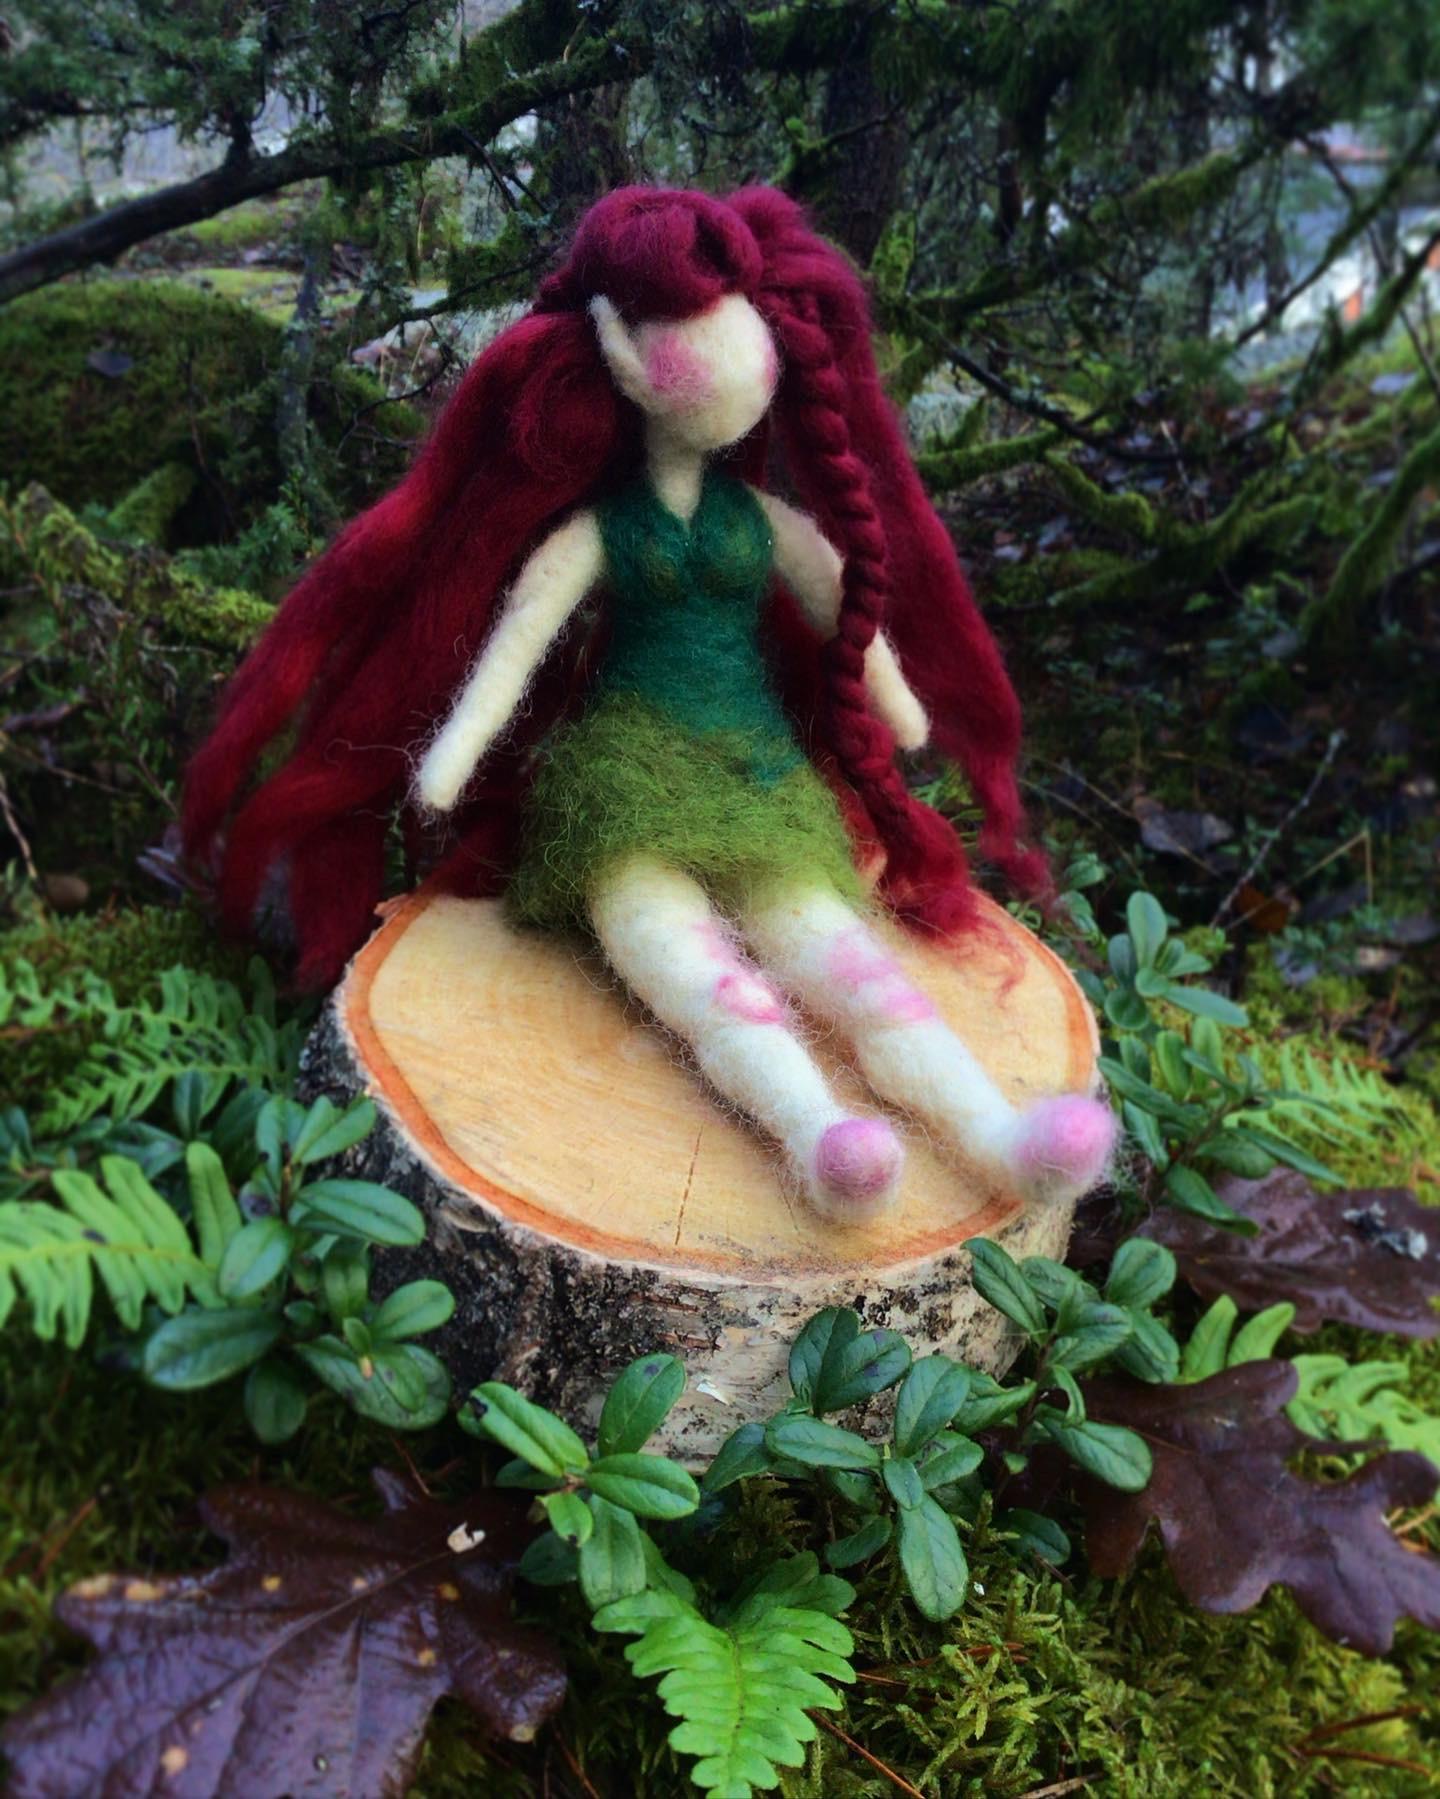 Tovad älva med grön kjol och lilarött hår . Älvan sitter på en stubbe